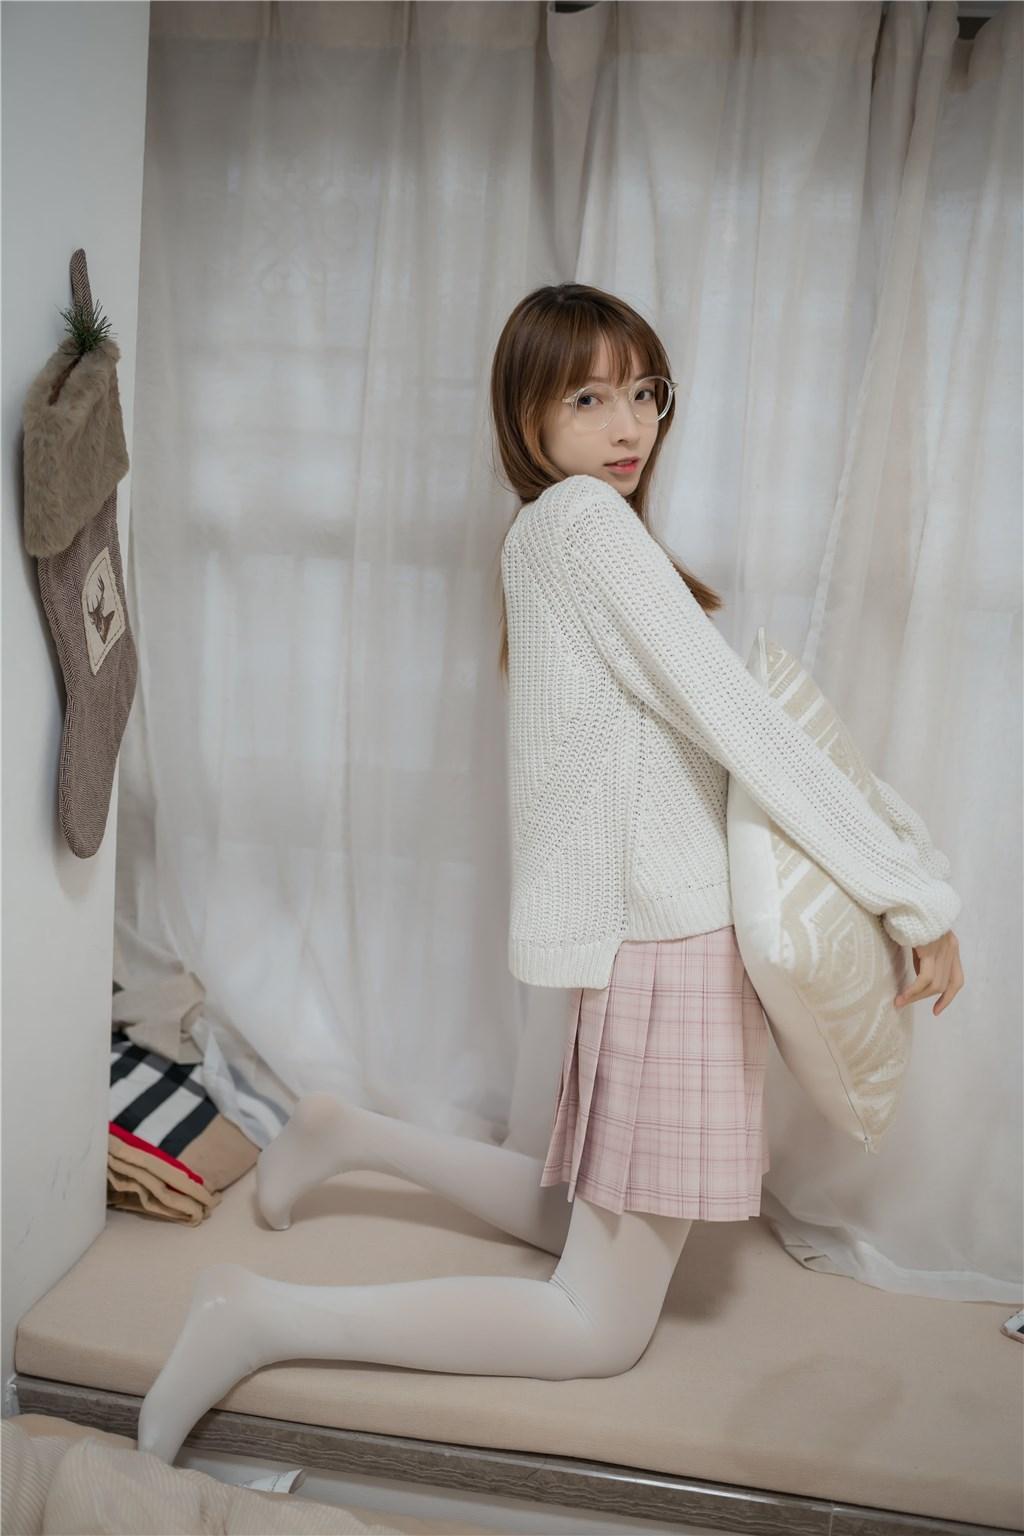 【兔玩映画】粉格裙的眼镜娘 兔玩映画 第40张